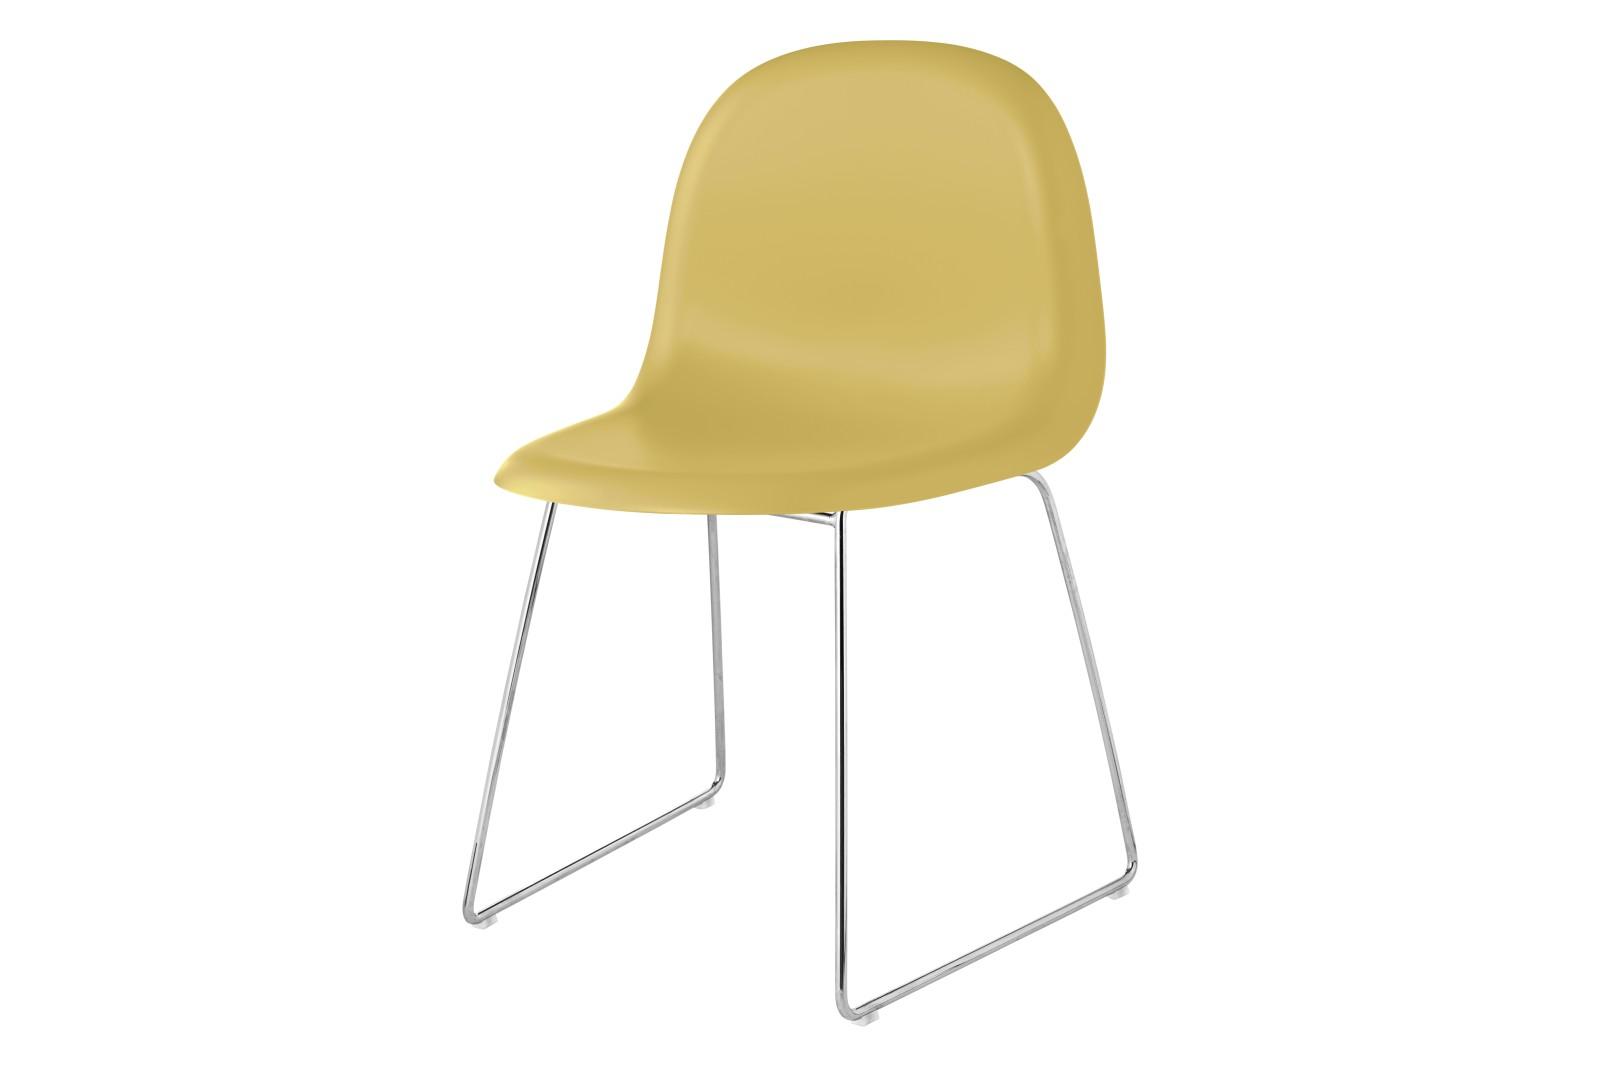 Gubi 3D Dining Chair Sledge Base - Unupholstered Gubi HiRek Venetian Gold, Gubi Metal Chrome